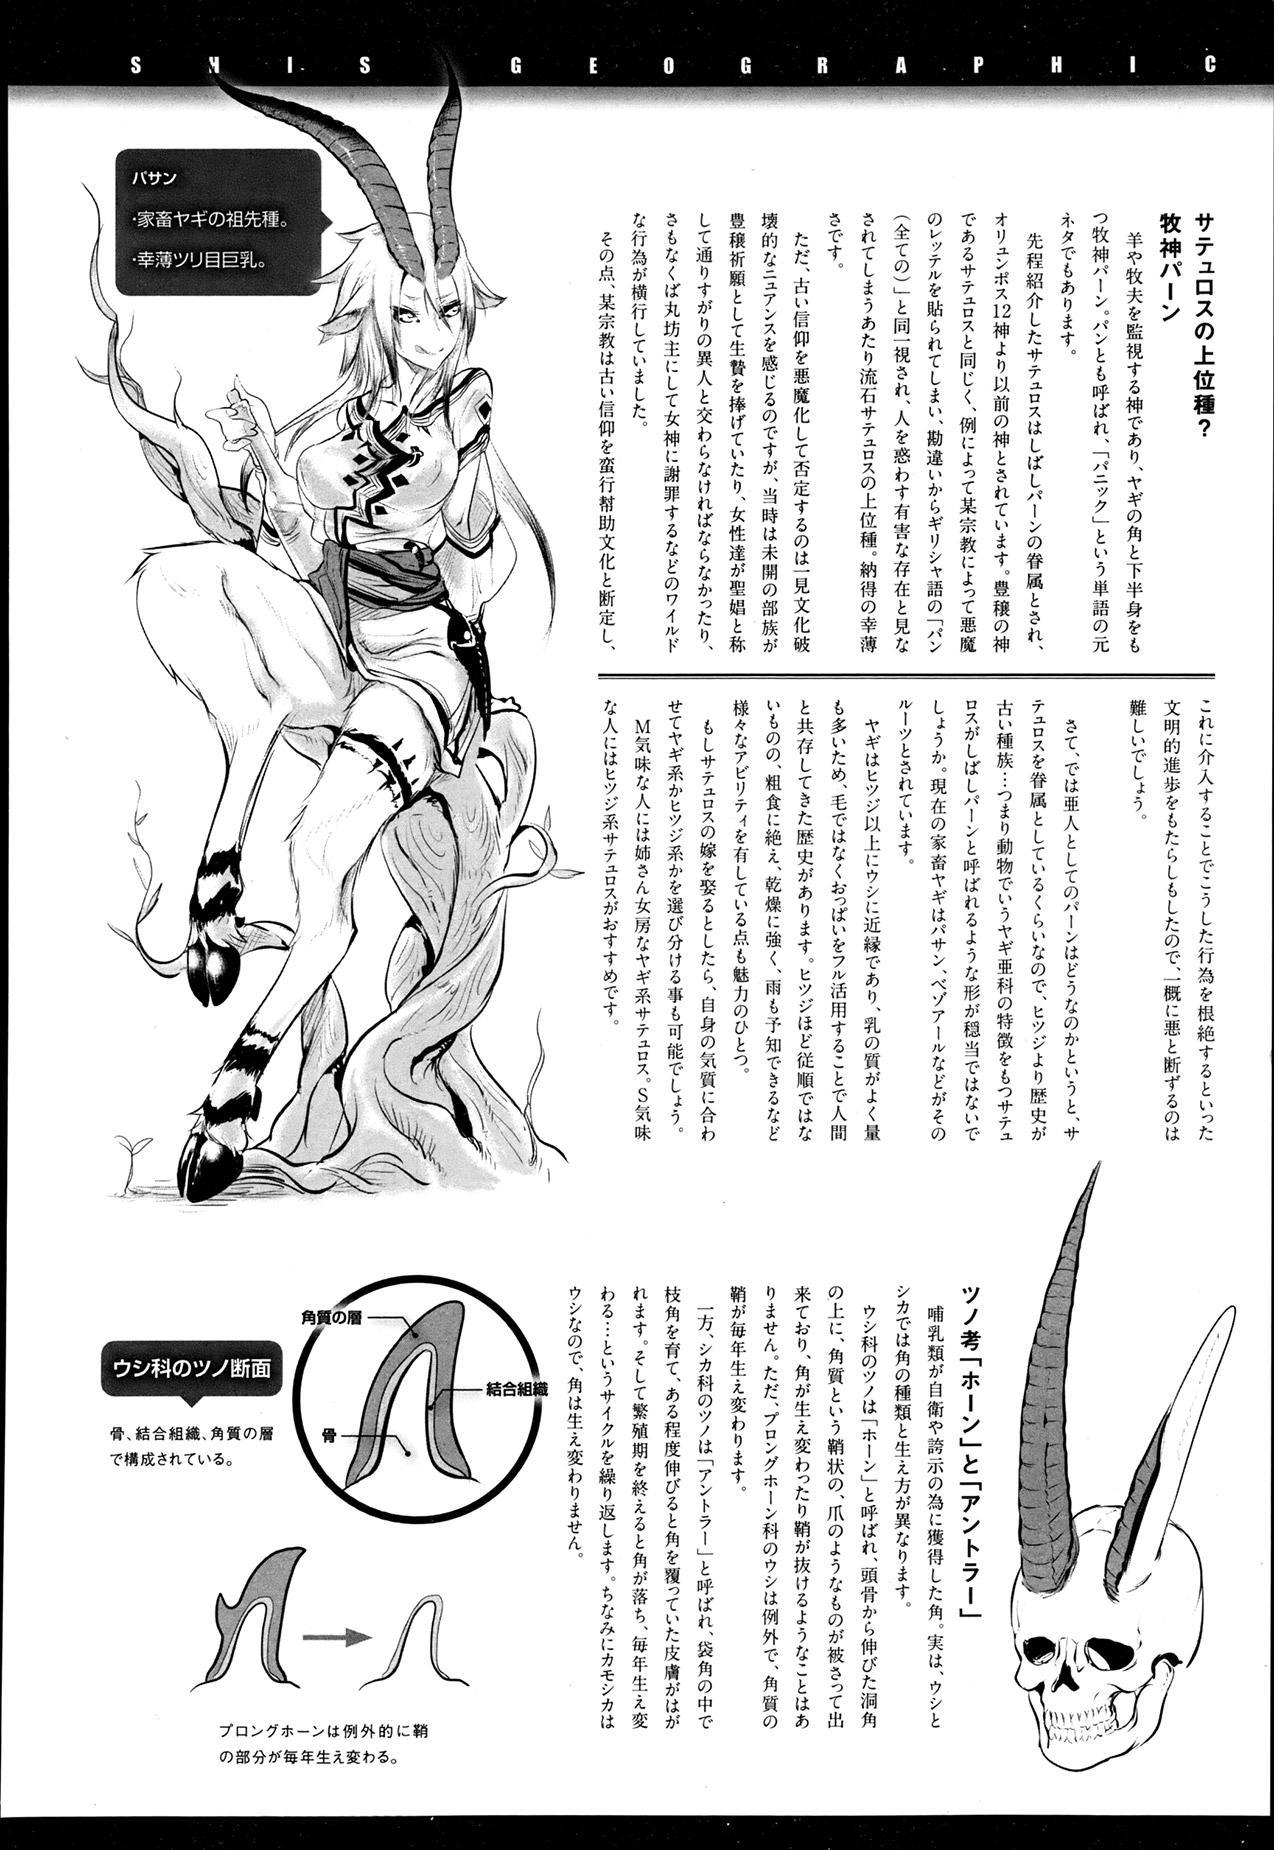 COMIC Anthurium 003 2013-07 383